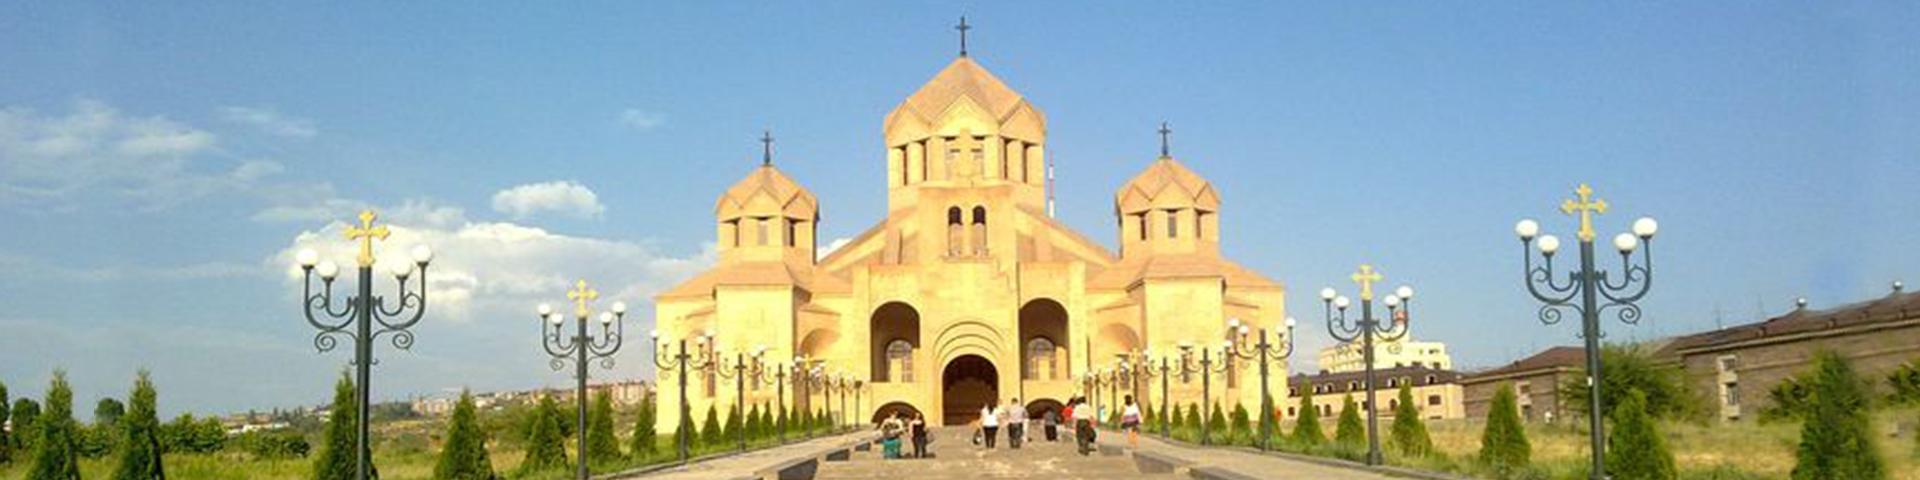 نمای دور کلیسا سنت گریگوری ایروان